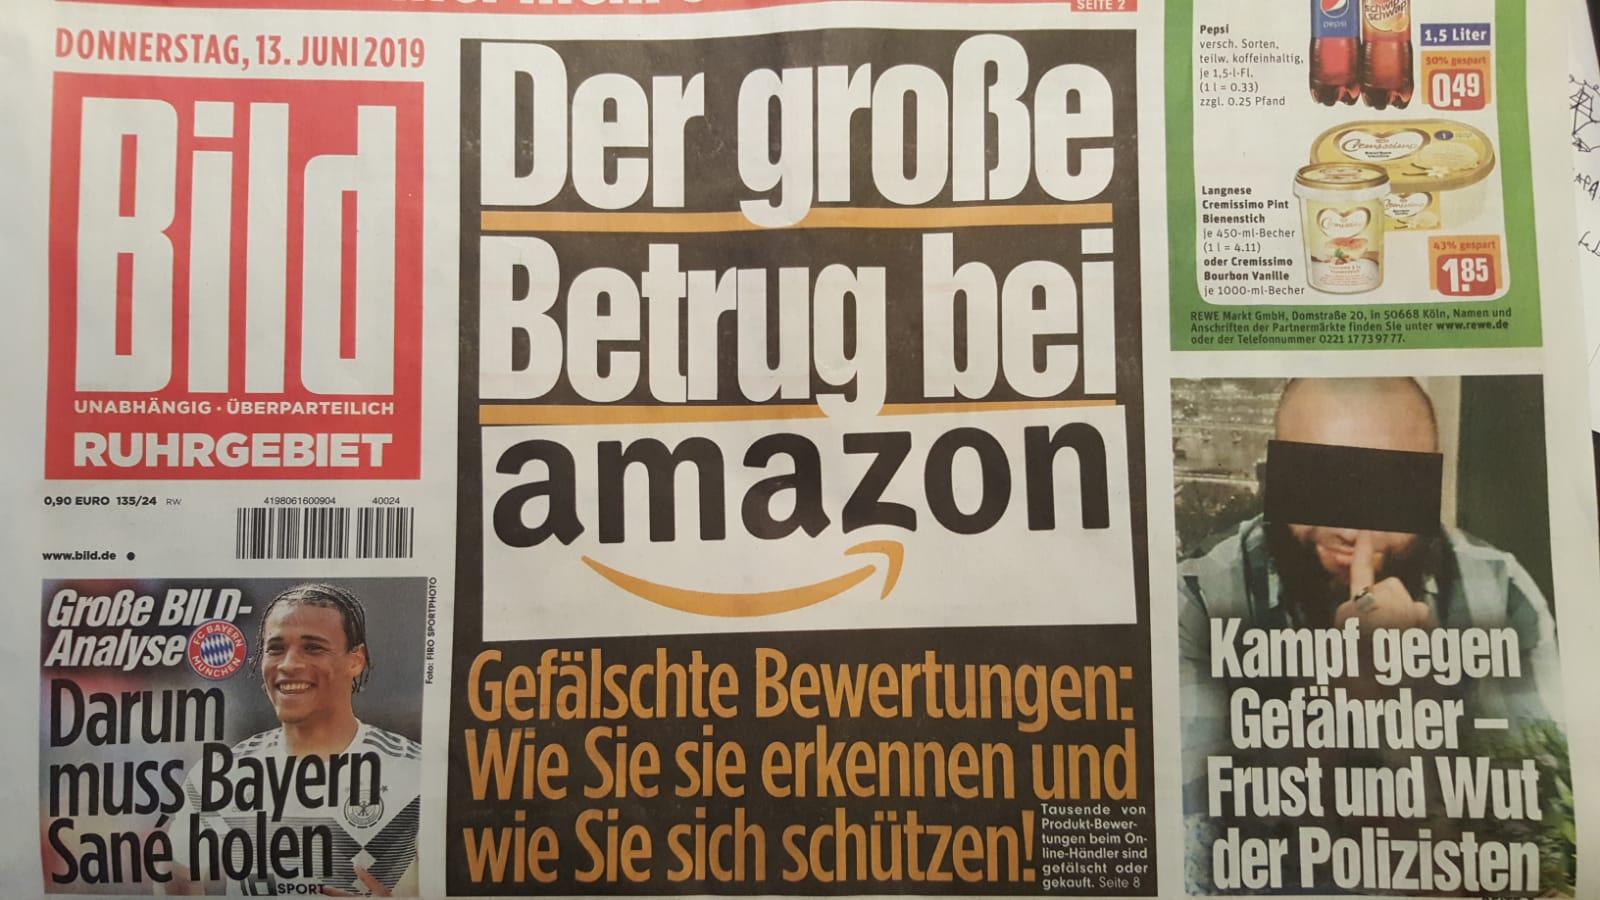 millionenfach Bewertungen bei Amazon gefälscht